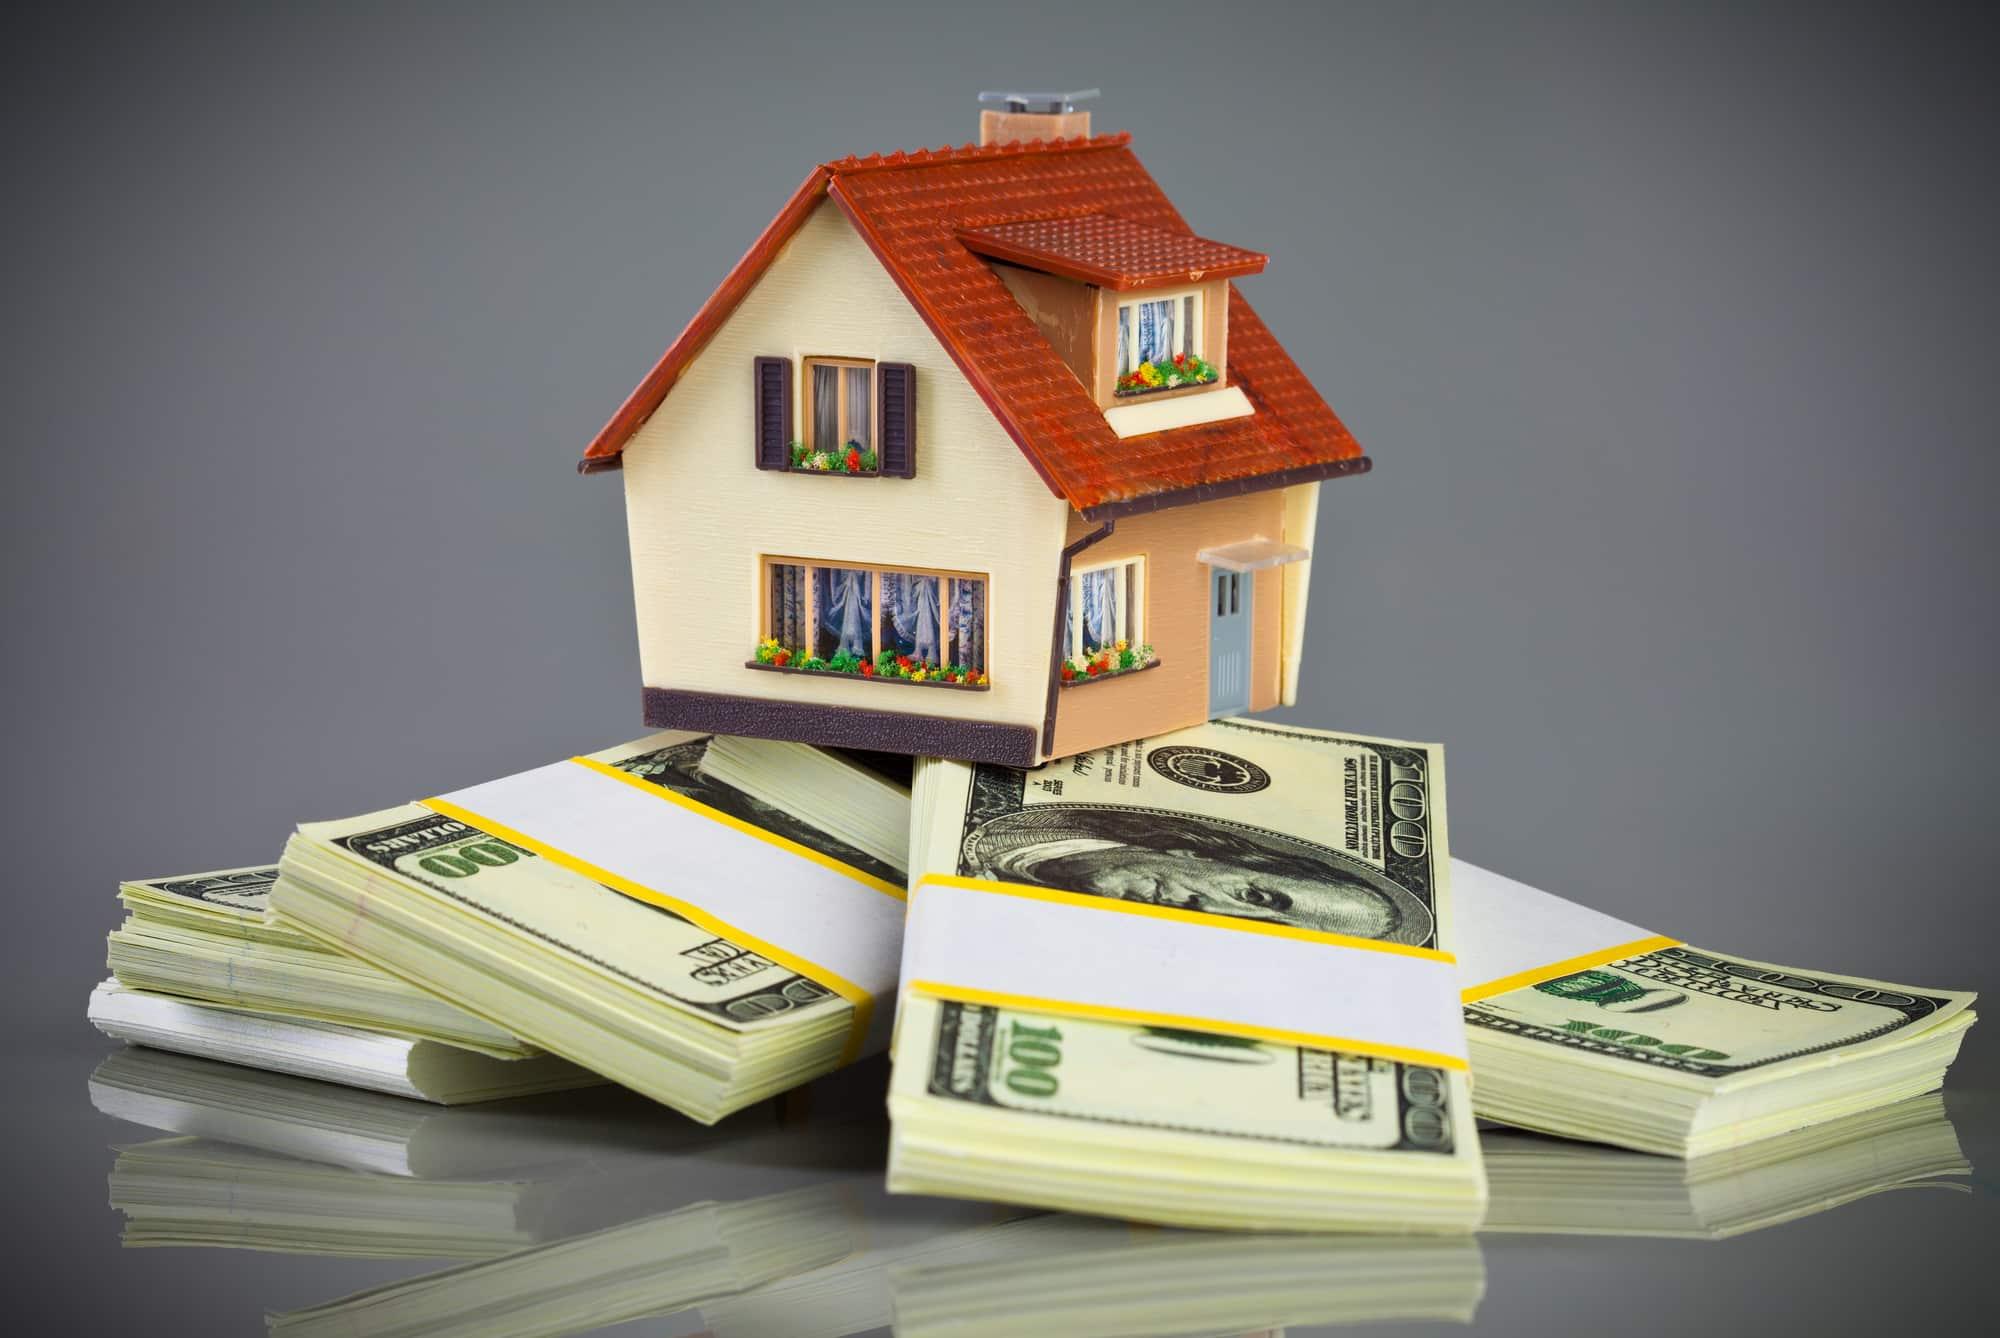 """HoREA có văn bản đề nghị Chính phủ, NHNN xem xét ban hành chính sách """"Tín dụng tạo lập căn nhà đầu tiên"""" cho giới trẻ theo phương thức tín chấp để mua nhà. Ảnh minh họa/ Nguồn: Internet"""